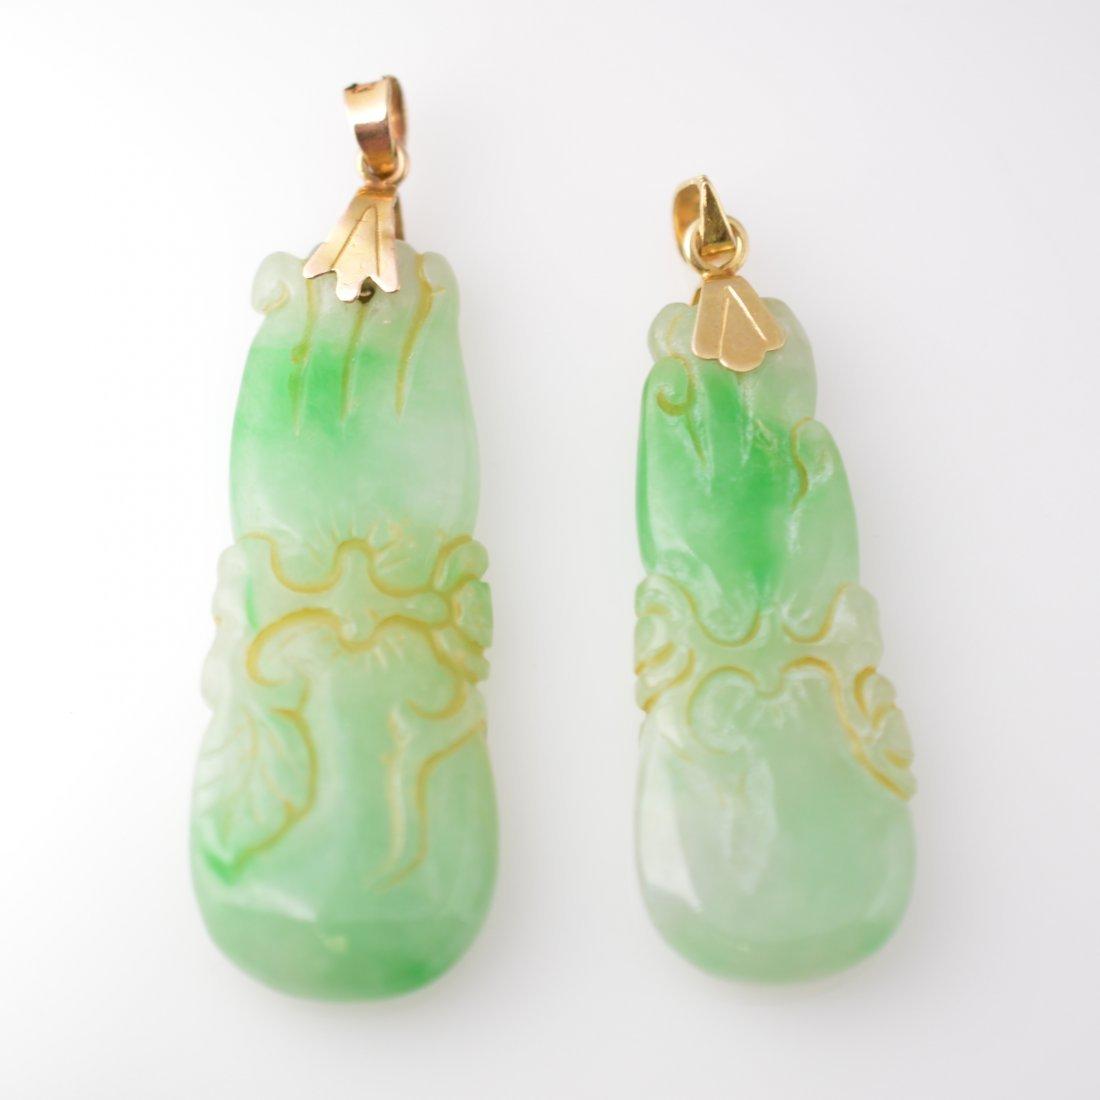 2 Jadeite Carved Fou-Shou 18k Gold Pendants